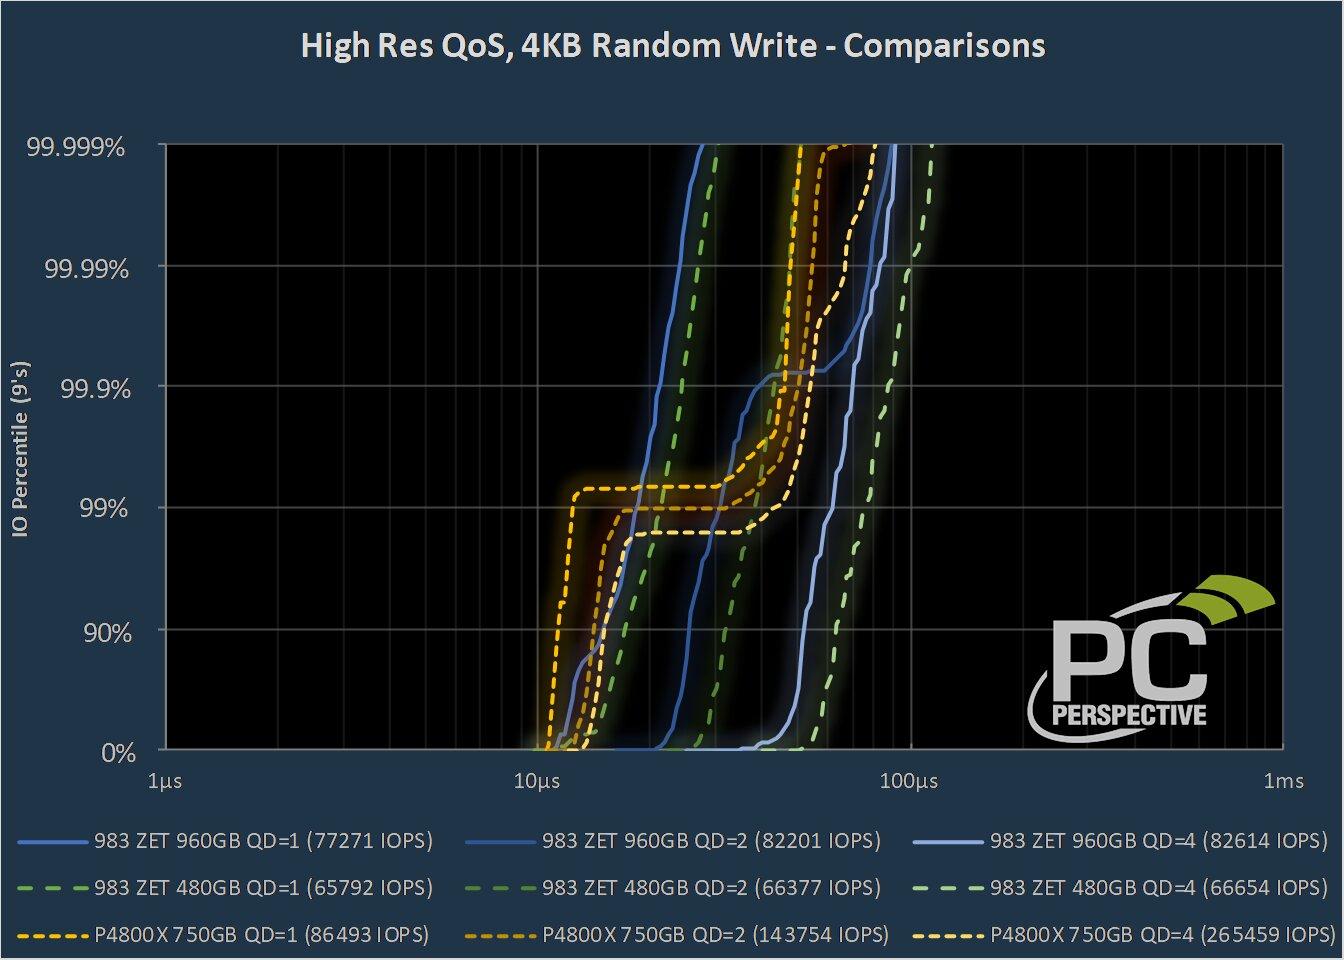 Samsung Z-SSD vs. Intel Optane (4K Random Write, QoS)